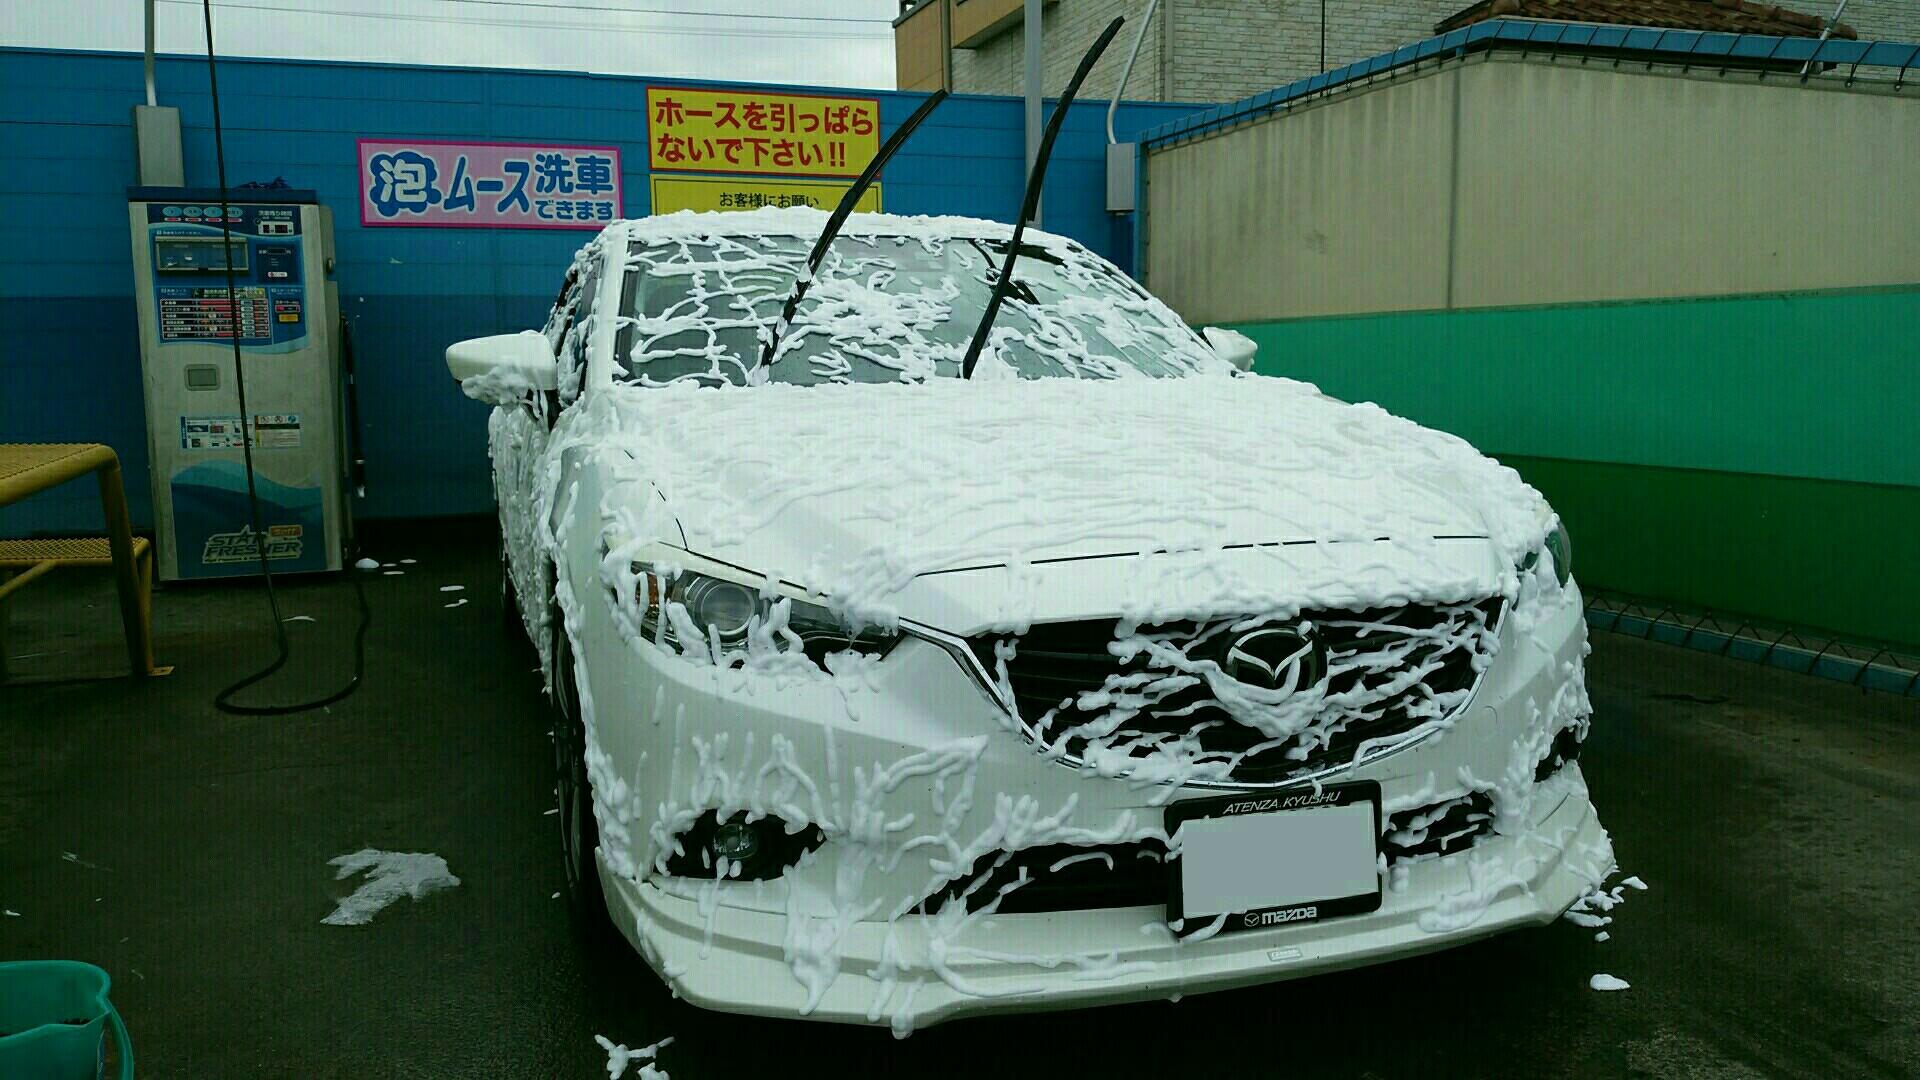 2018年37回目の洗車